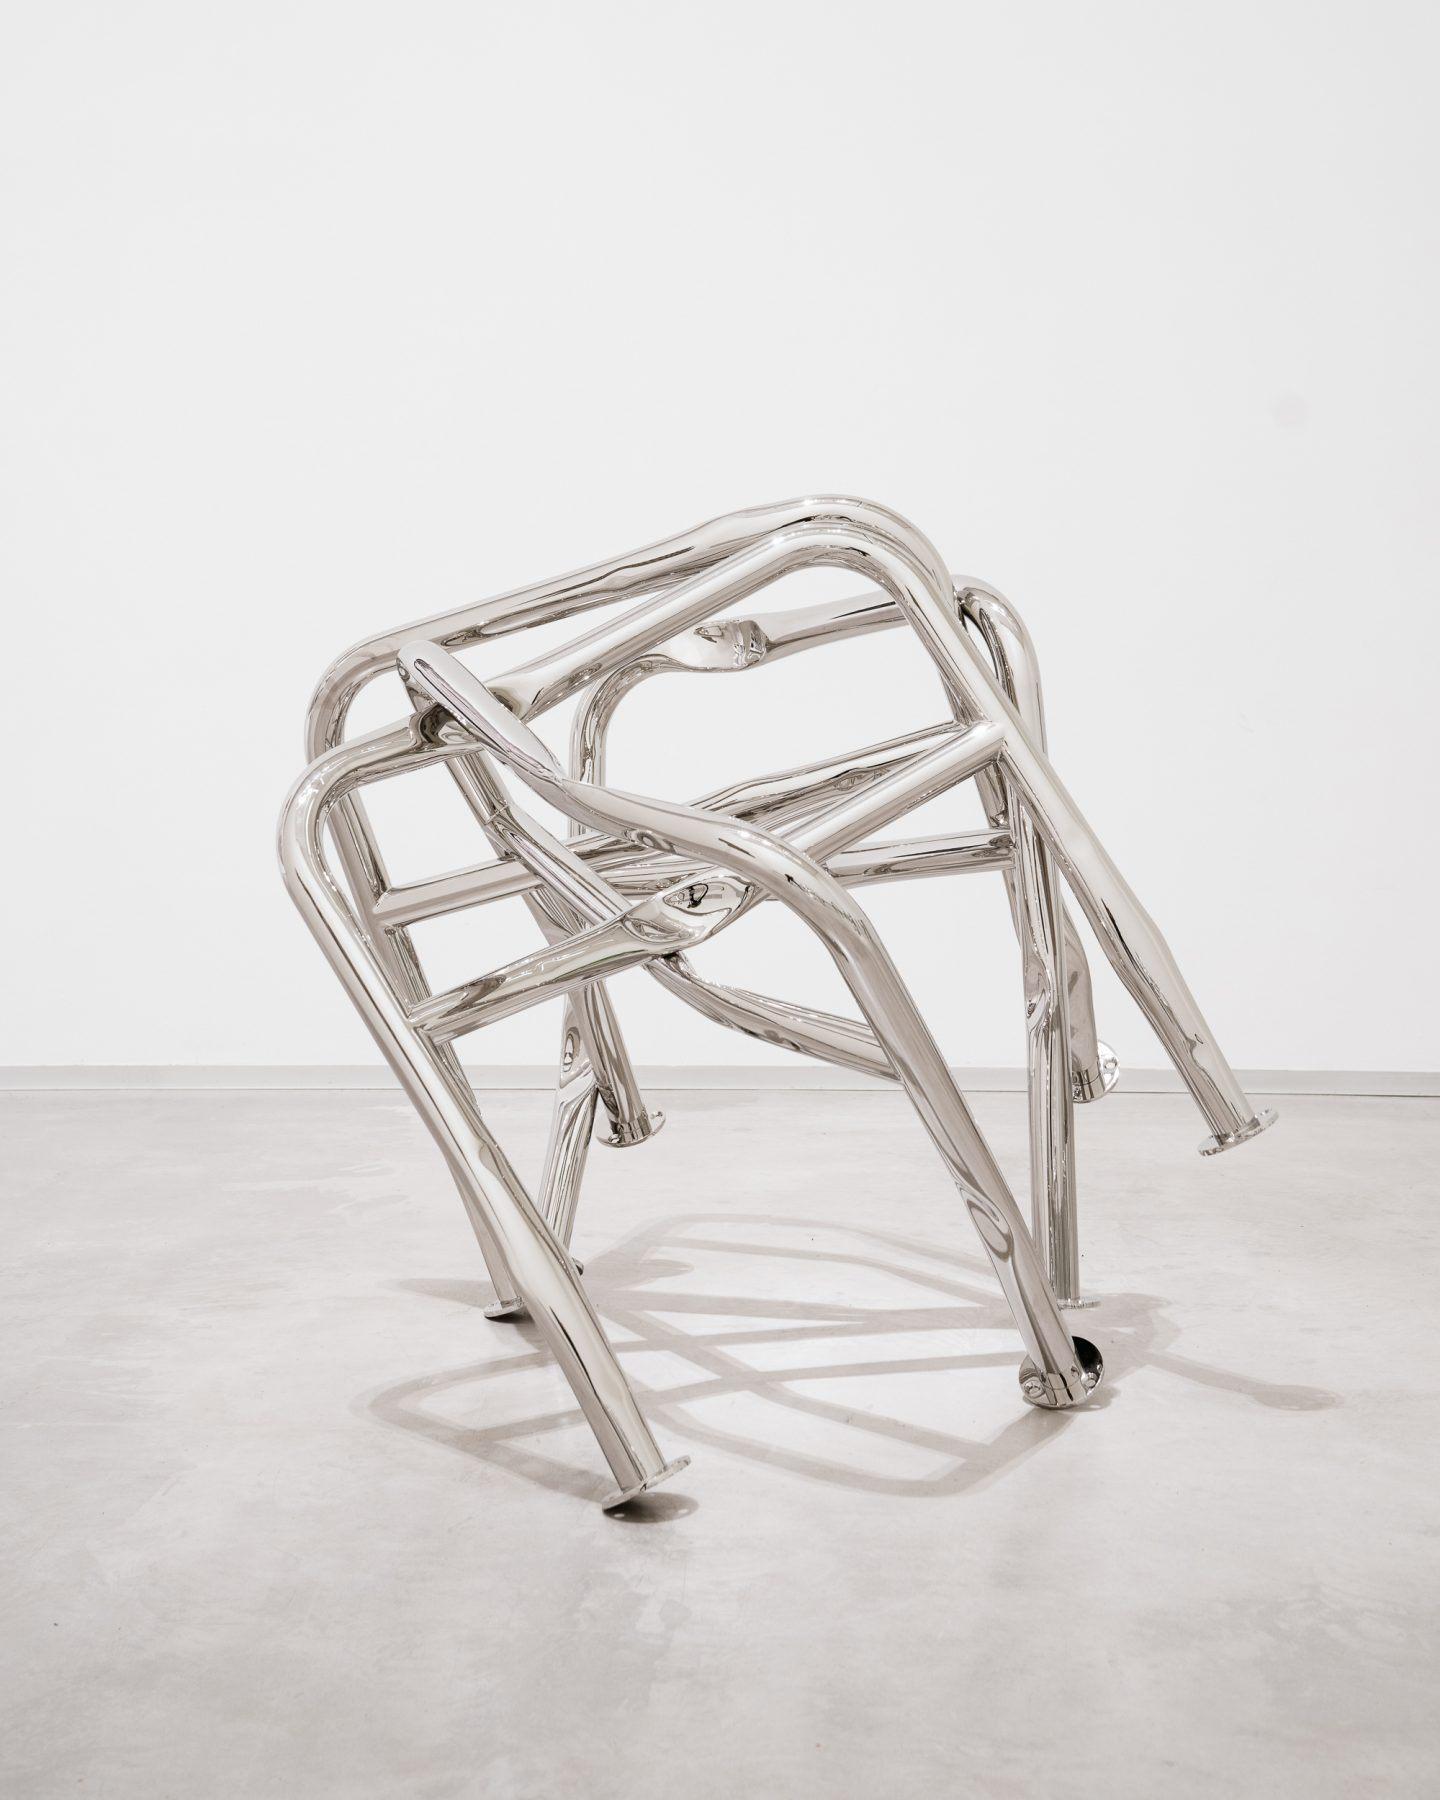 IGNANT-Art-Exhibition-Pousttchi-03